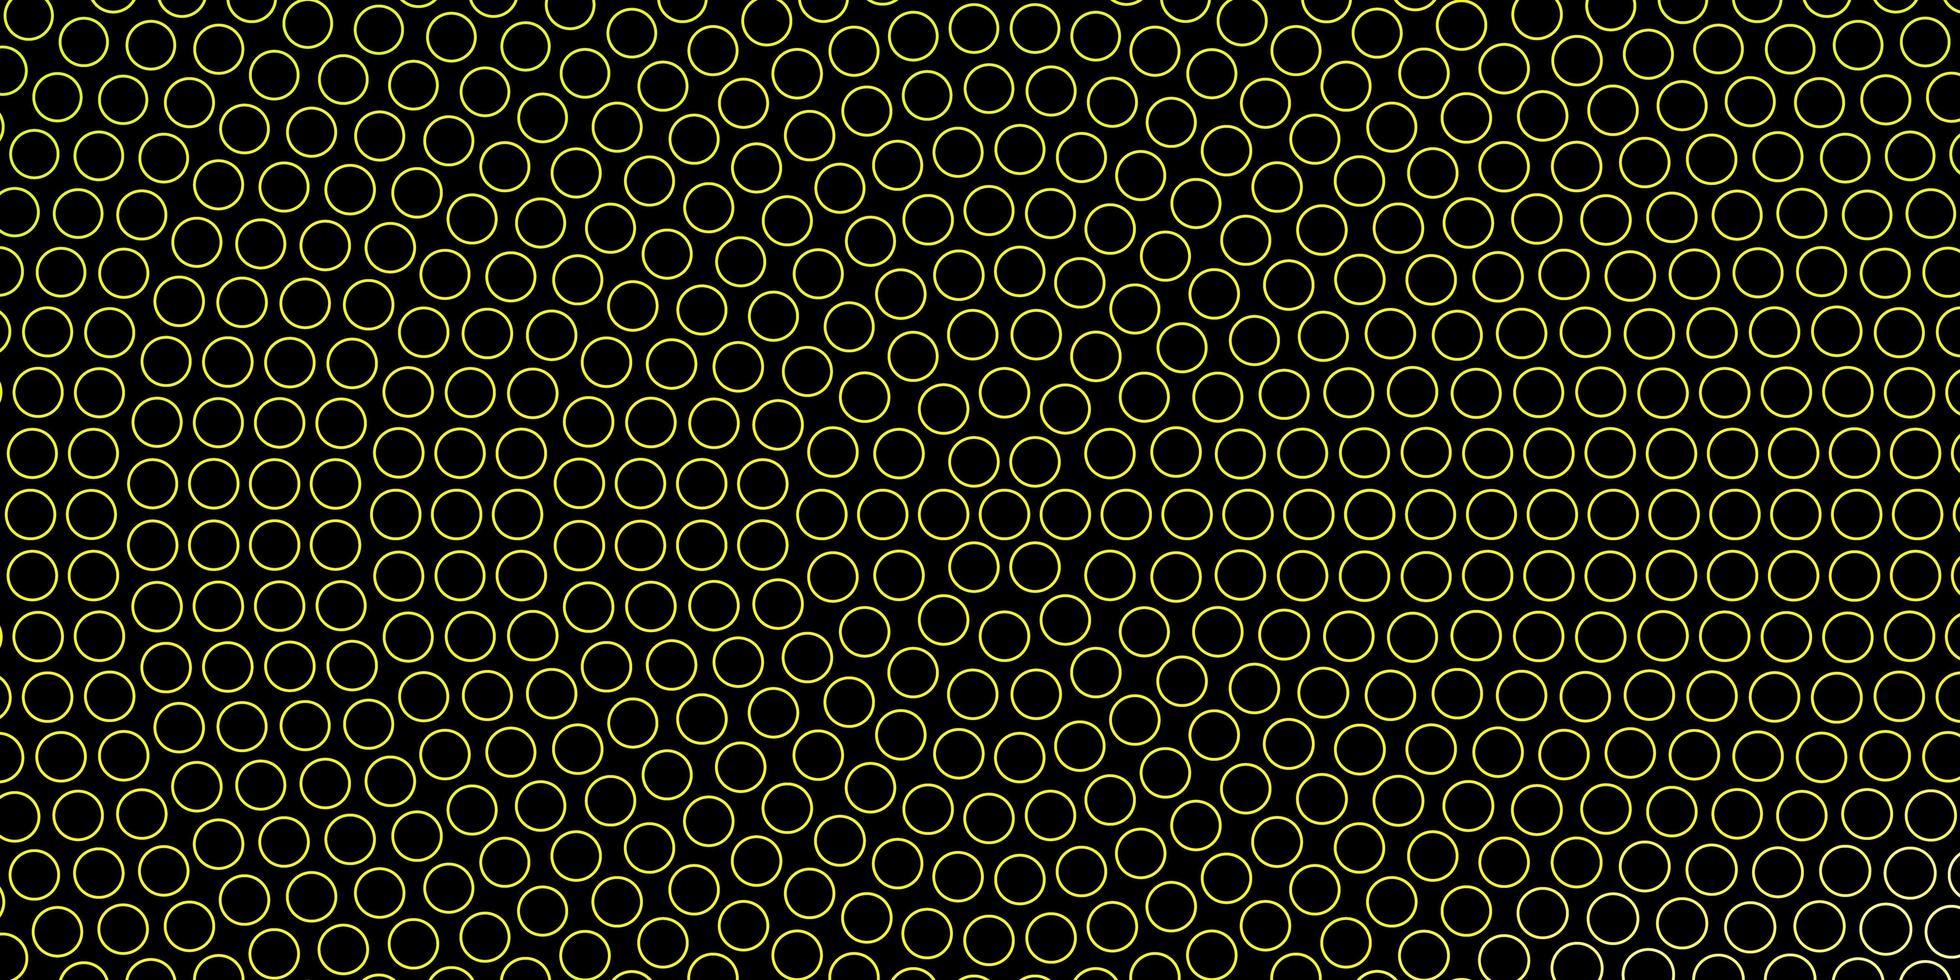 sfondo verde scuro con cerchi. vettore